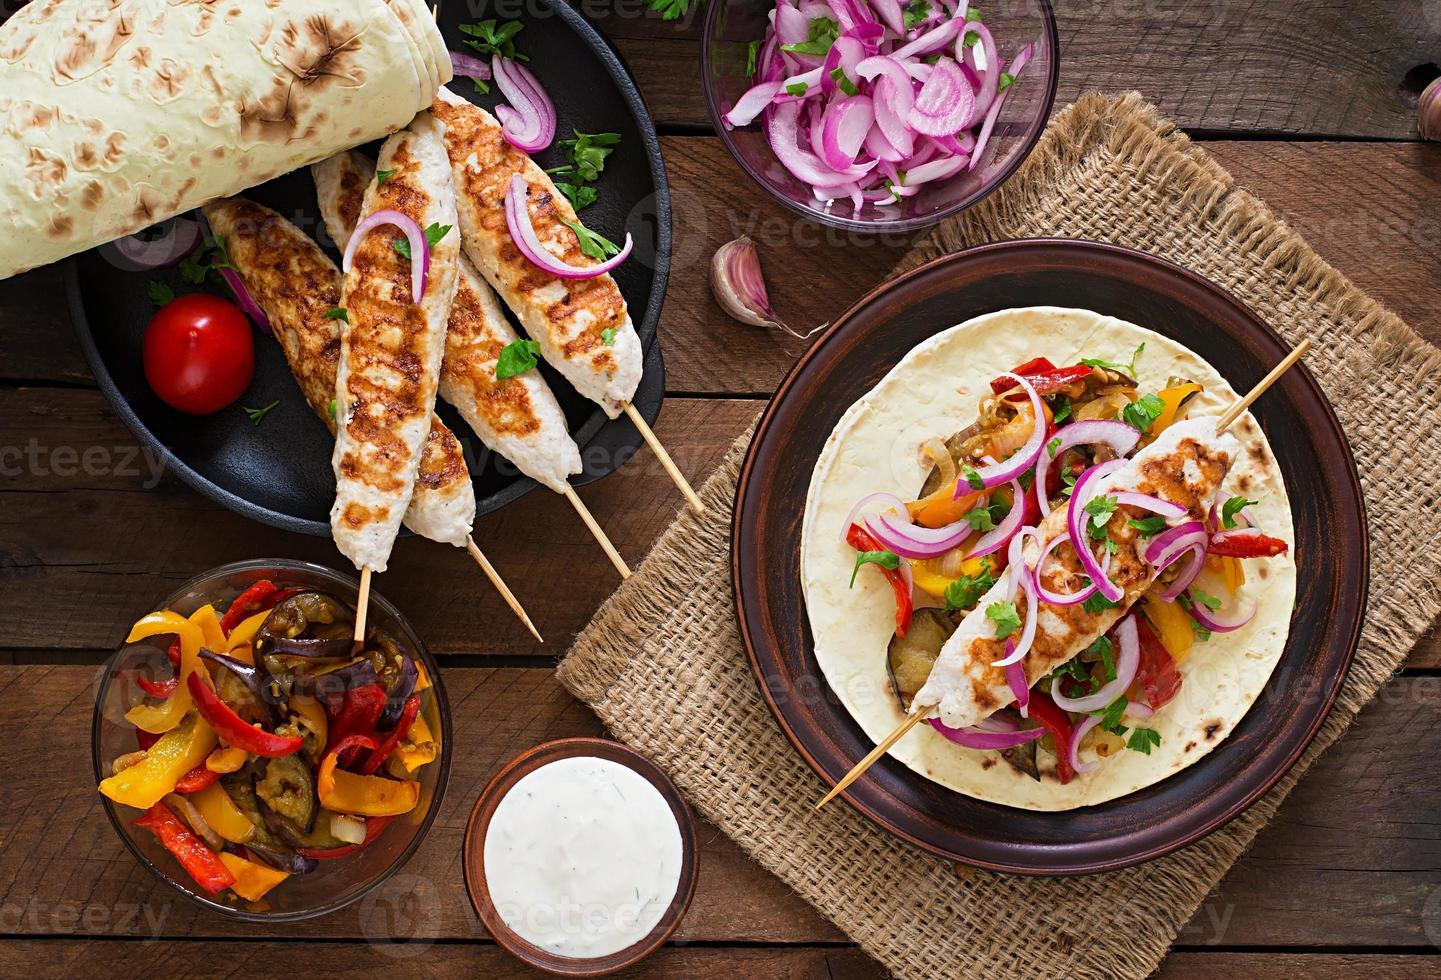 brochette de poulet aux légumes grillés et tortilla. photo